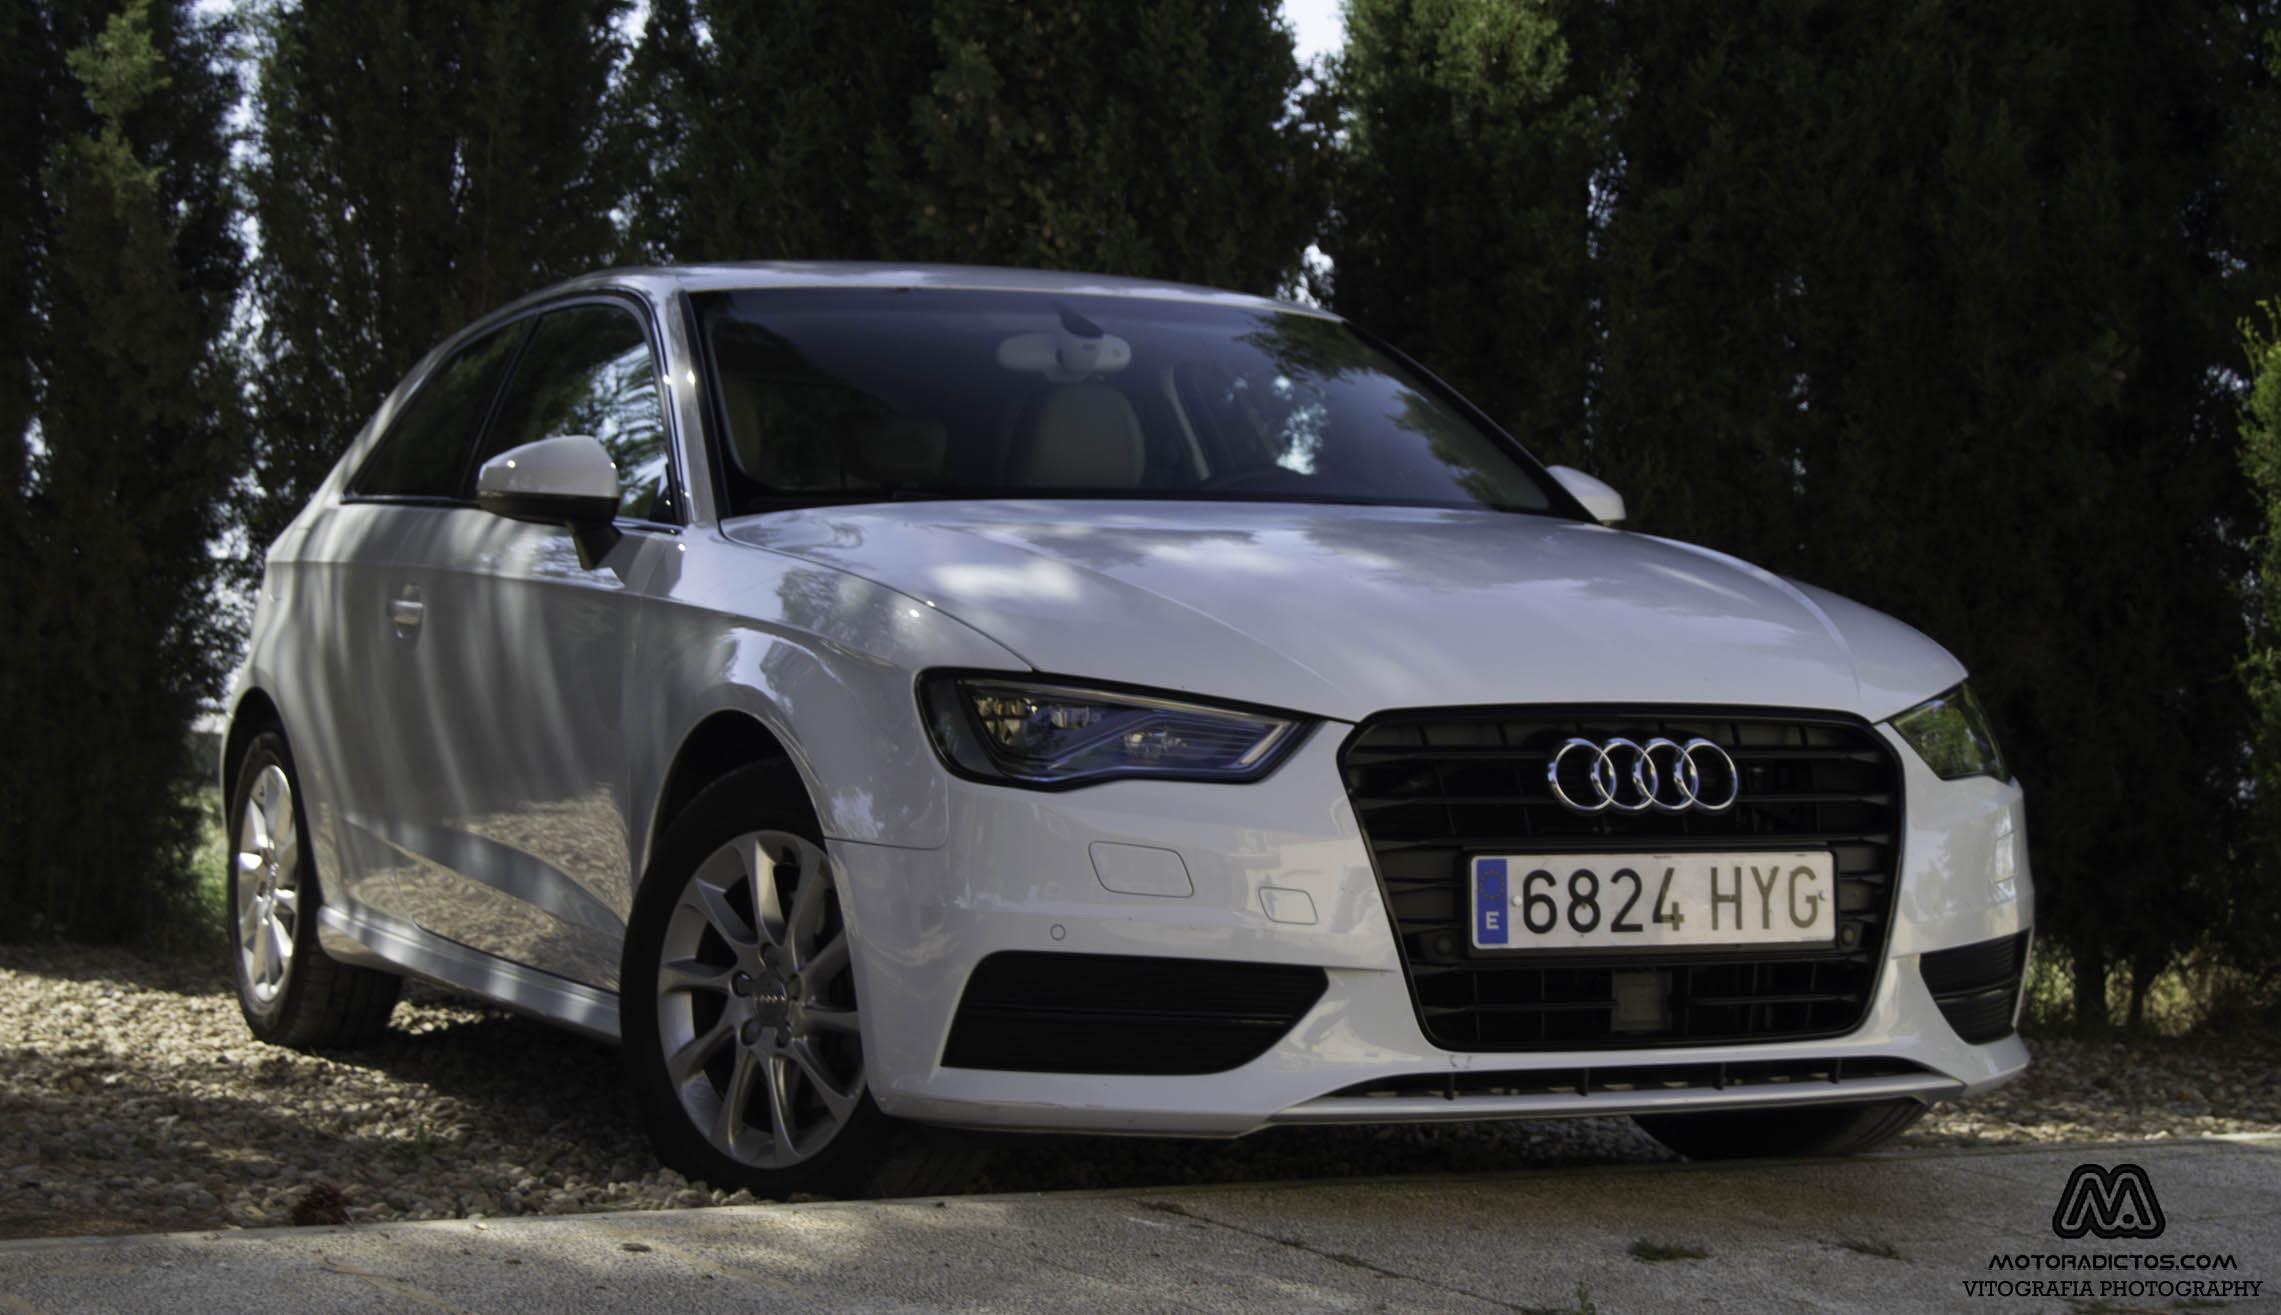 El Audi A3 también se ve amenazado por el fraude de emisiones NOx